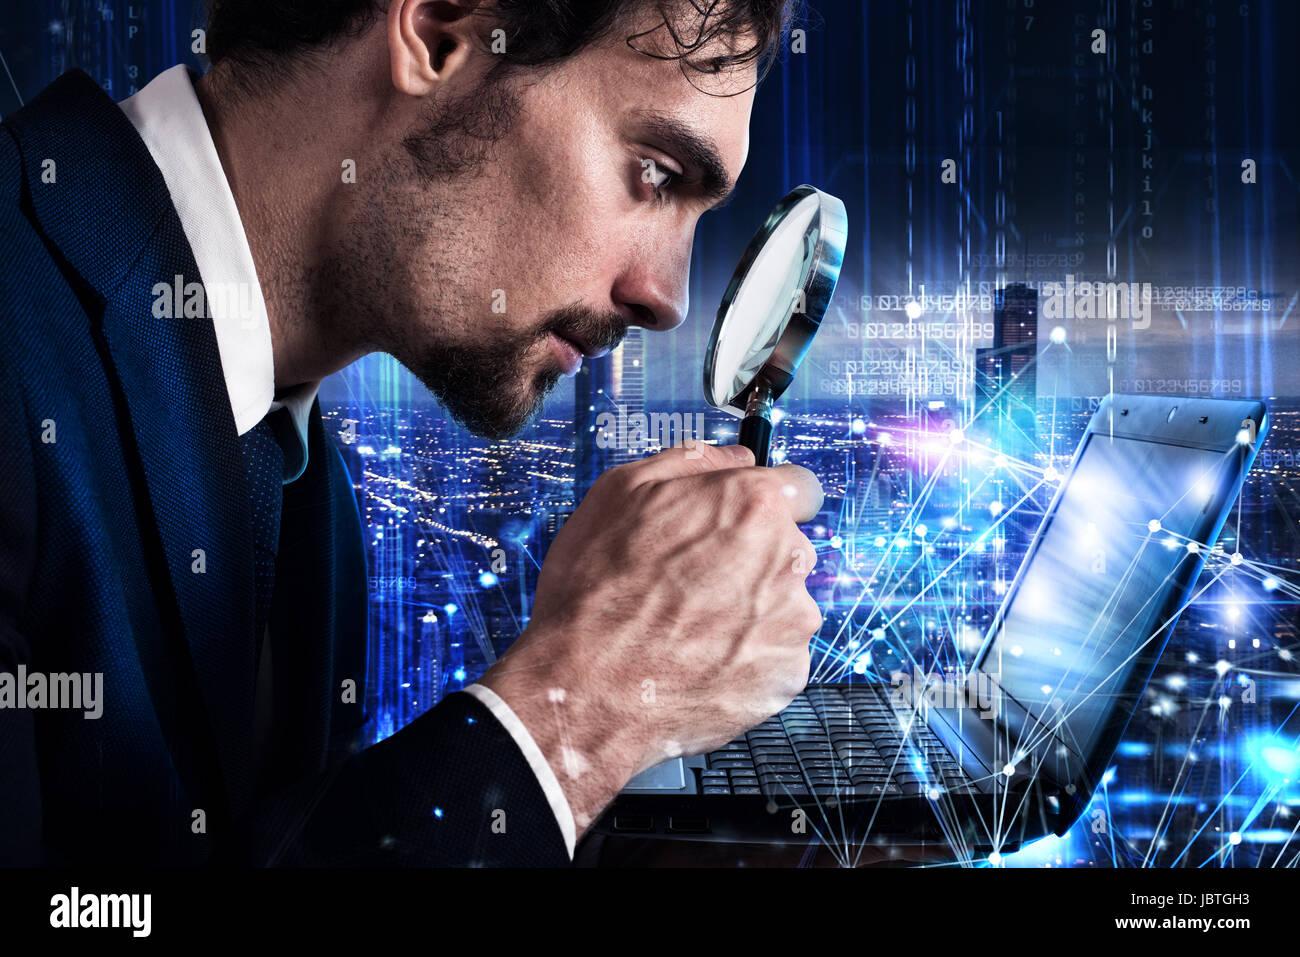 Homme regarde à la loupe d'un ordinateur portable. Concept de l'analyse de logiciels Photo Stock